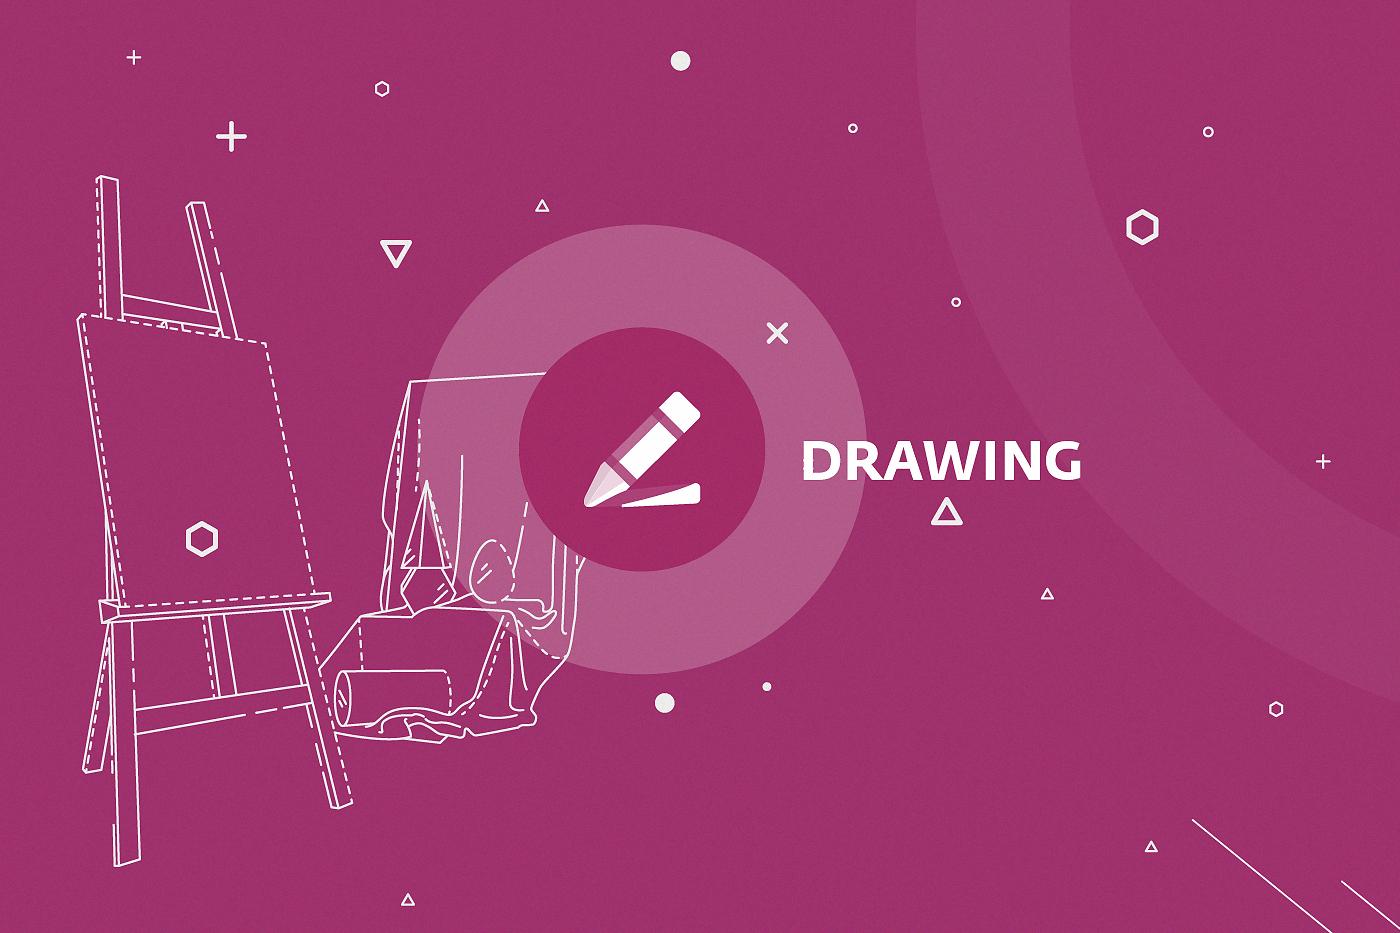 drawing eng - Drawing